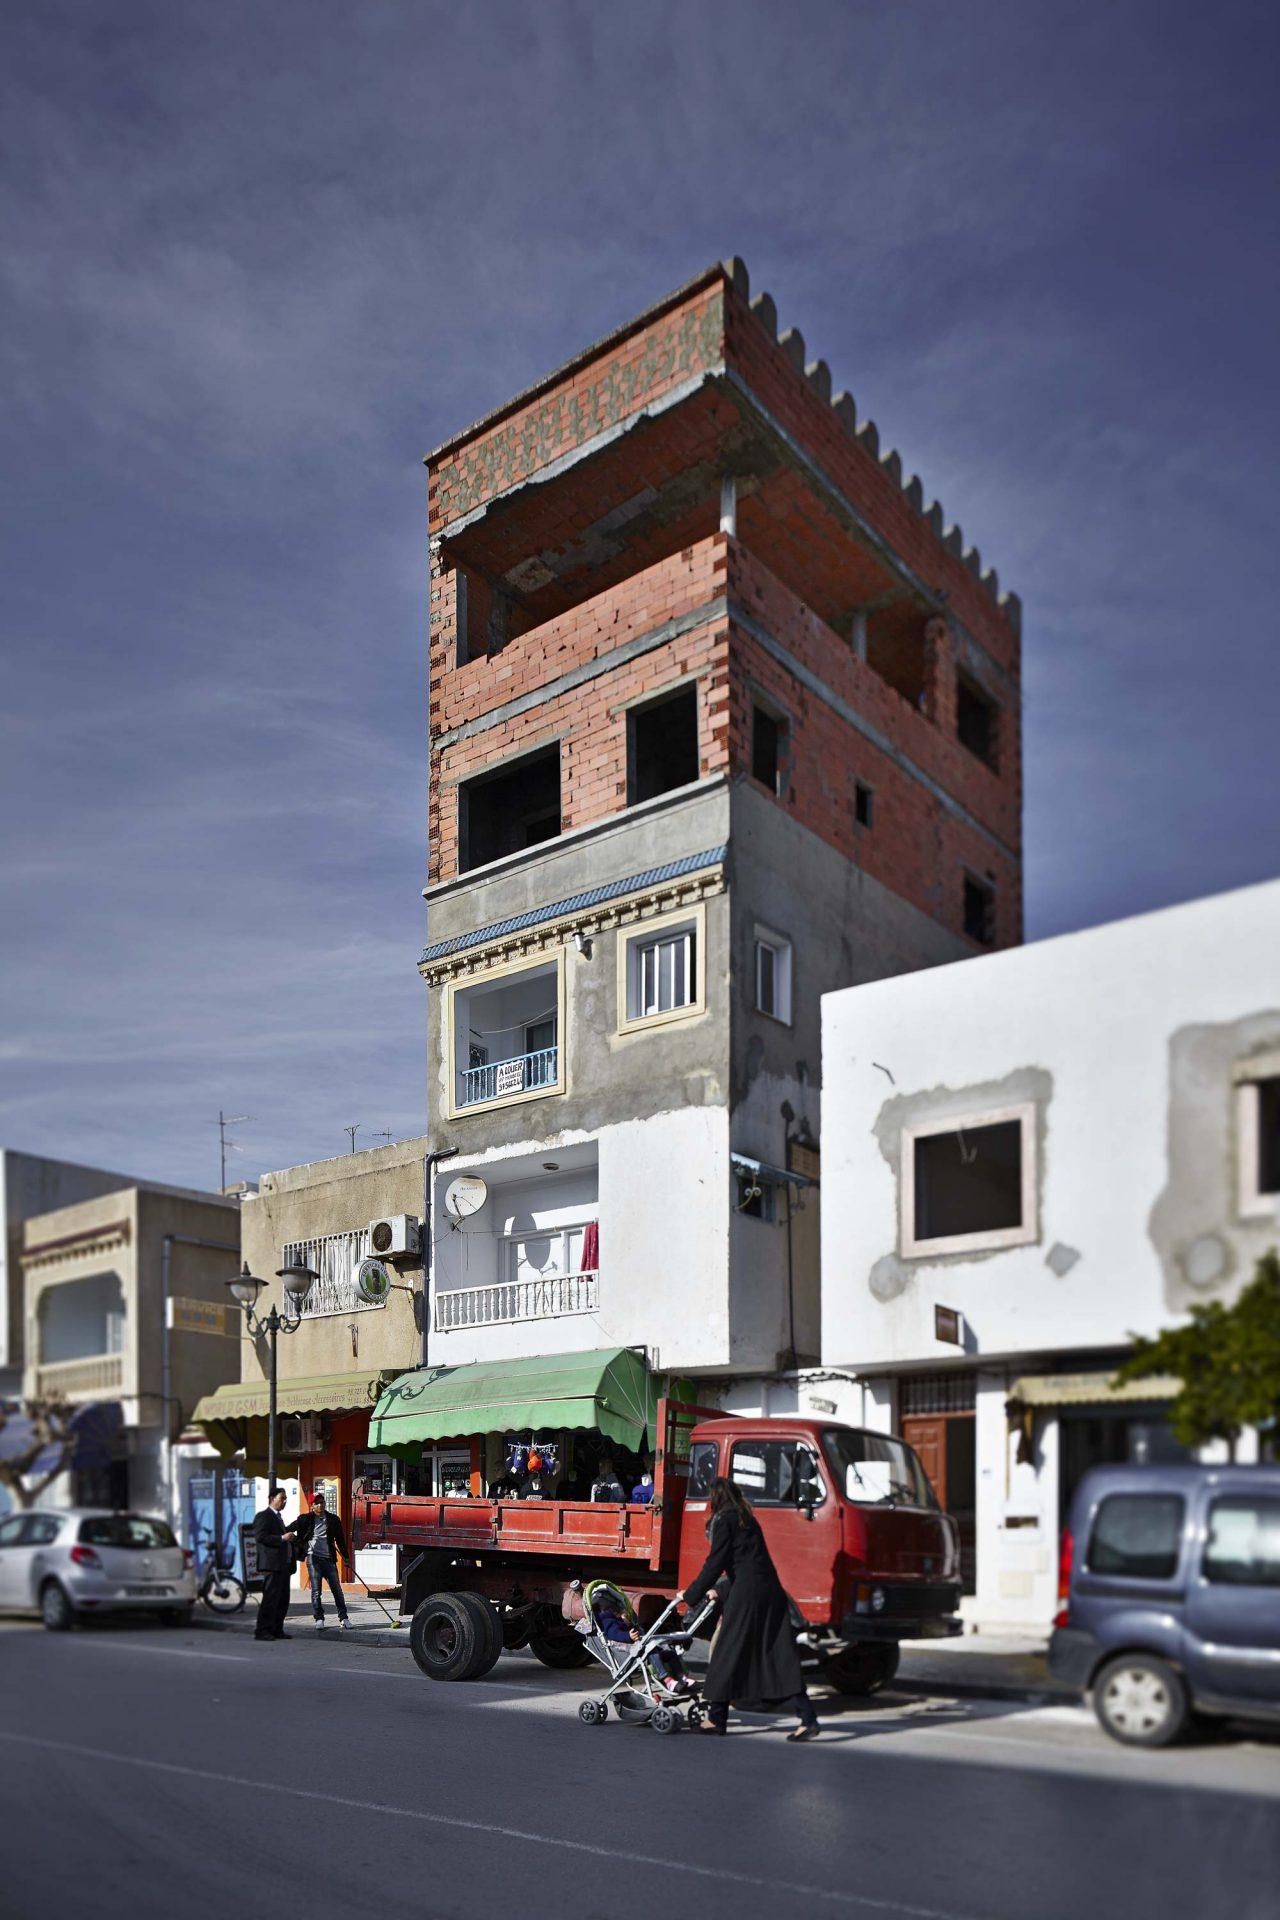 Tunis2014-02-1139-02